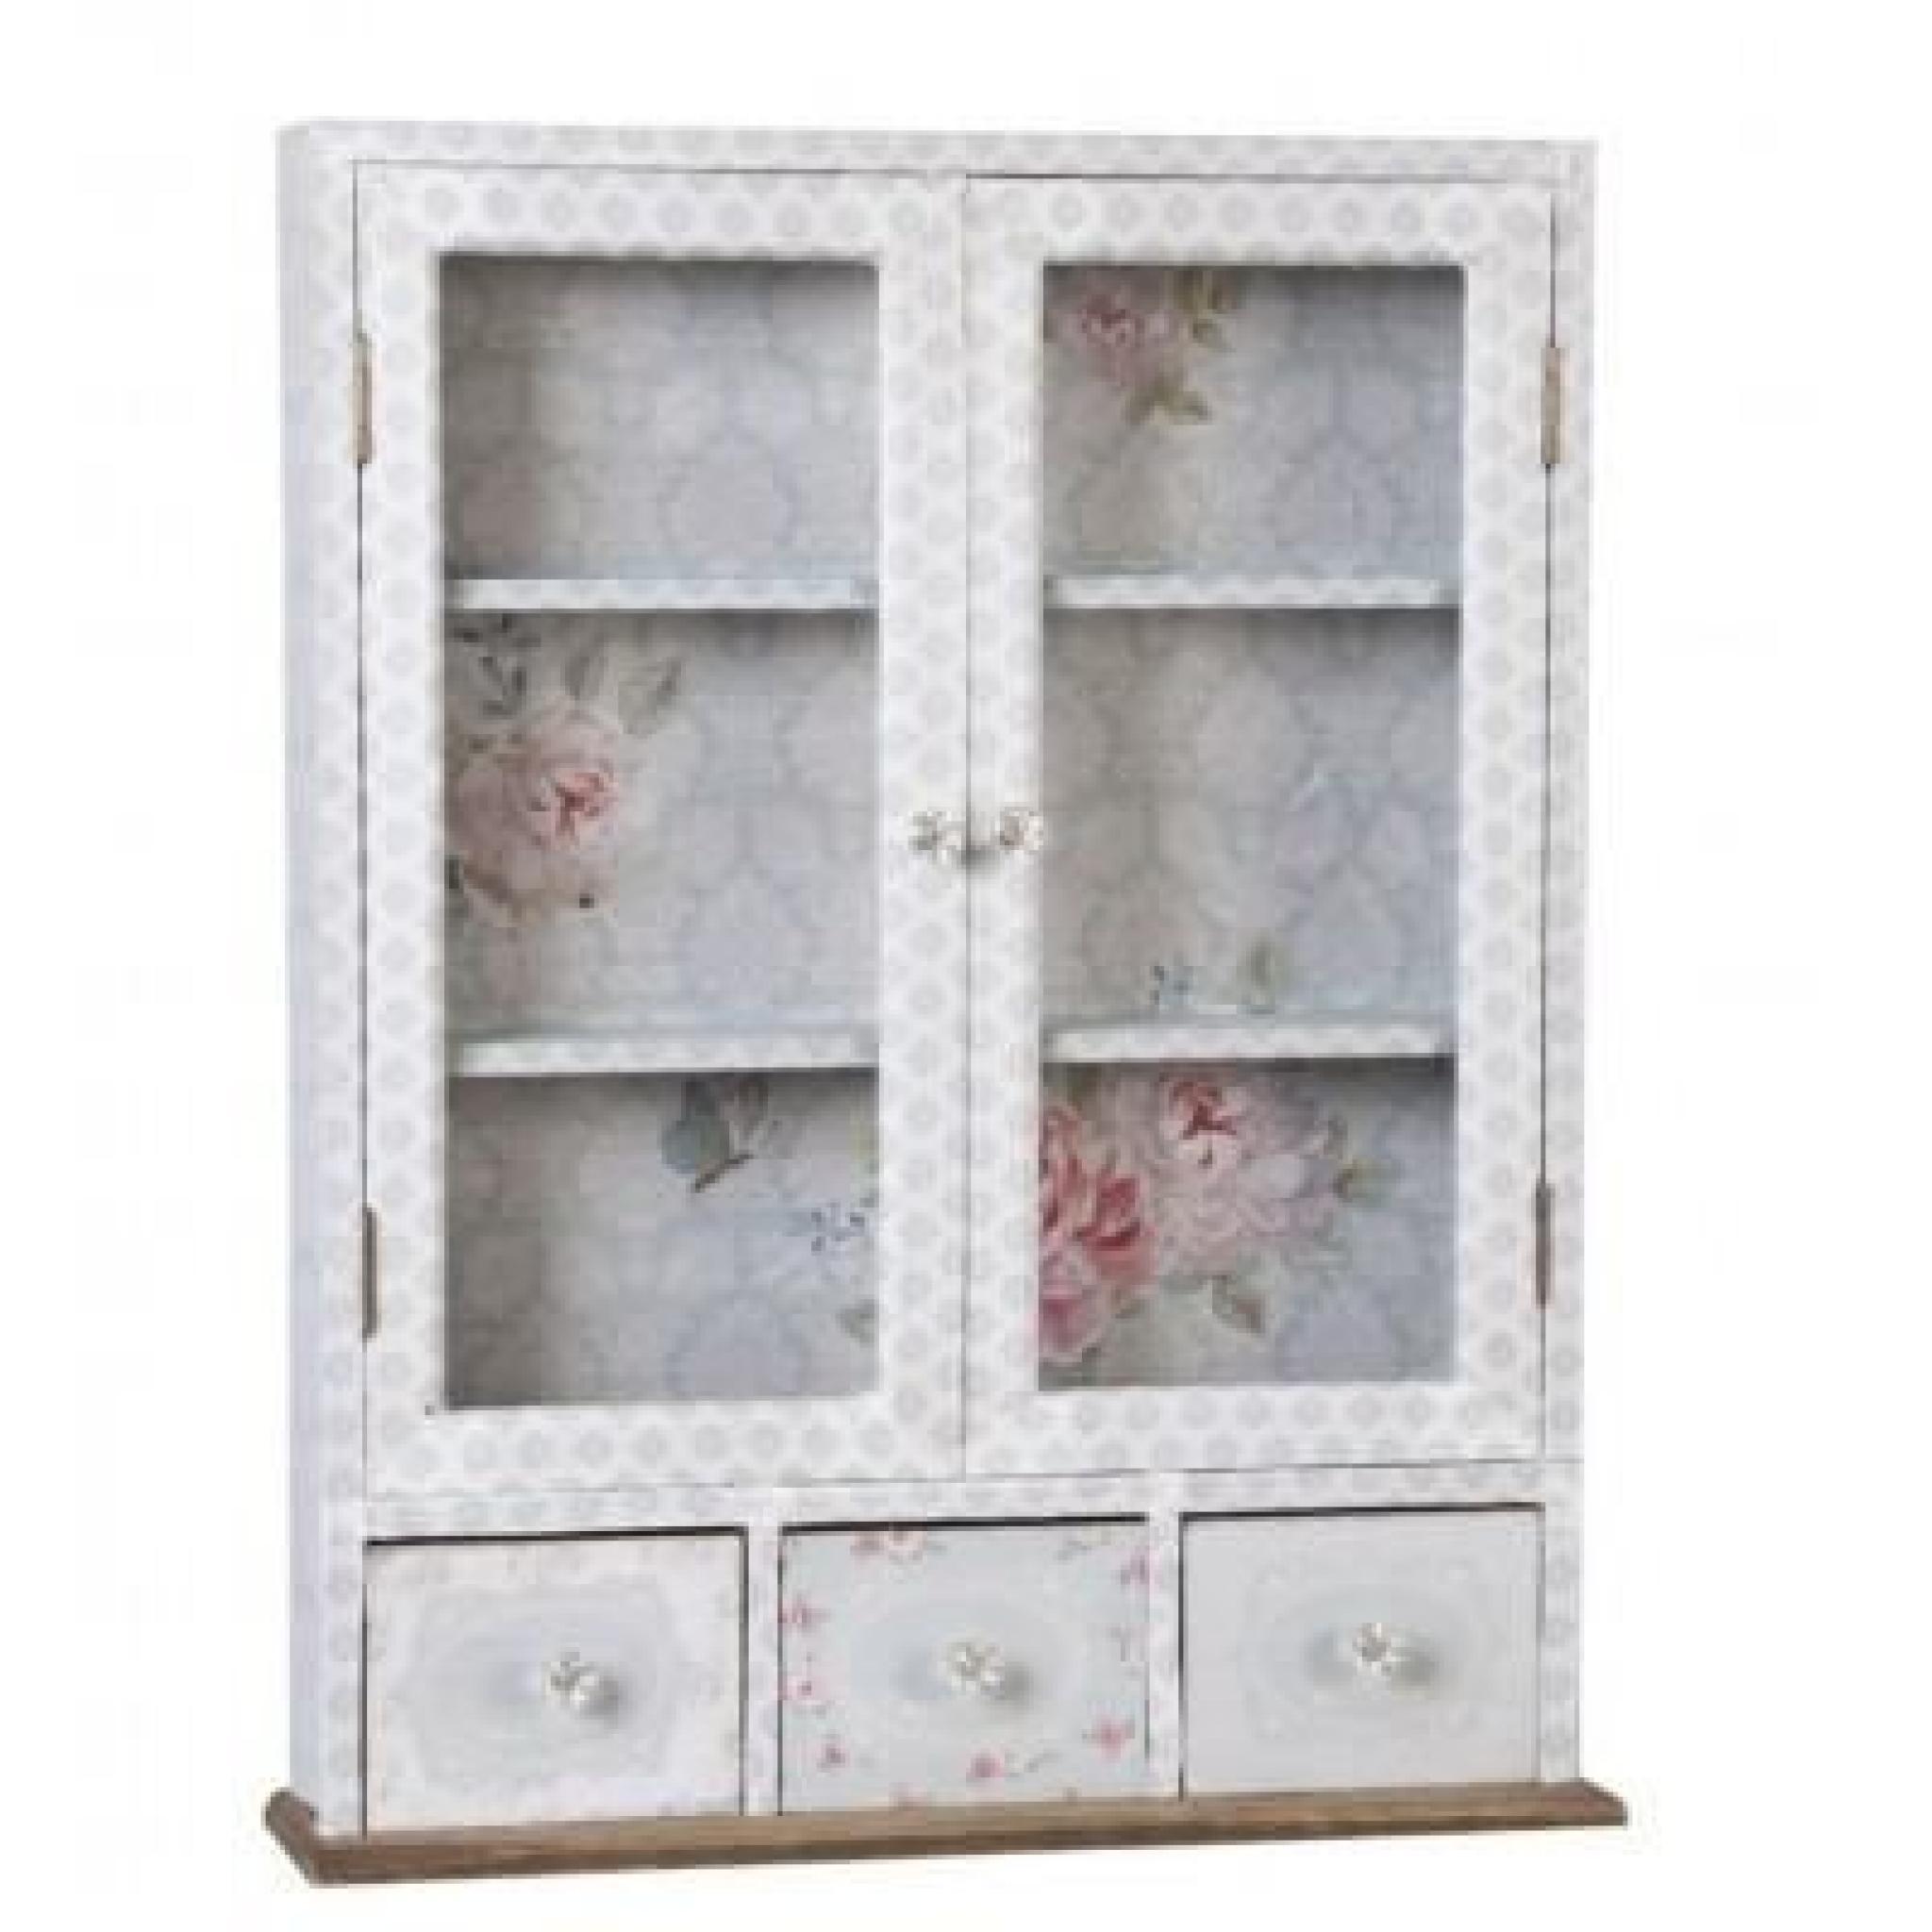 armoire murale en bois style customis gris achat vente. Black Bedroom Furniture Sets. Home Design Ideas